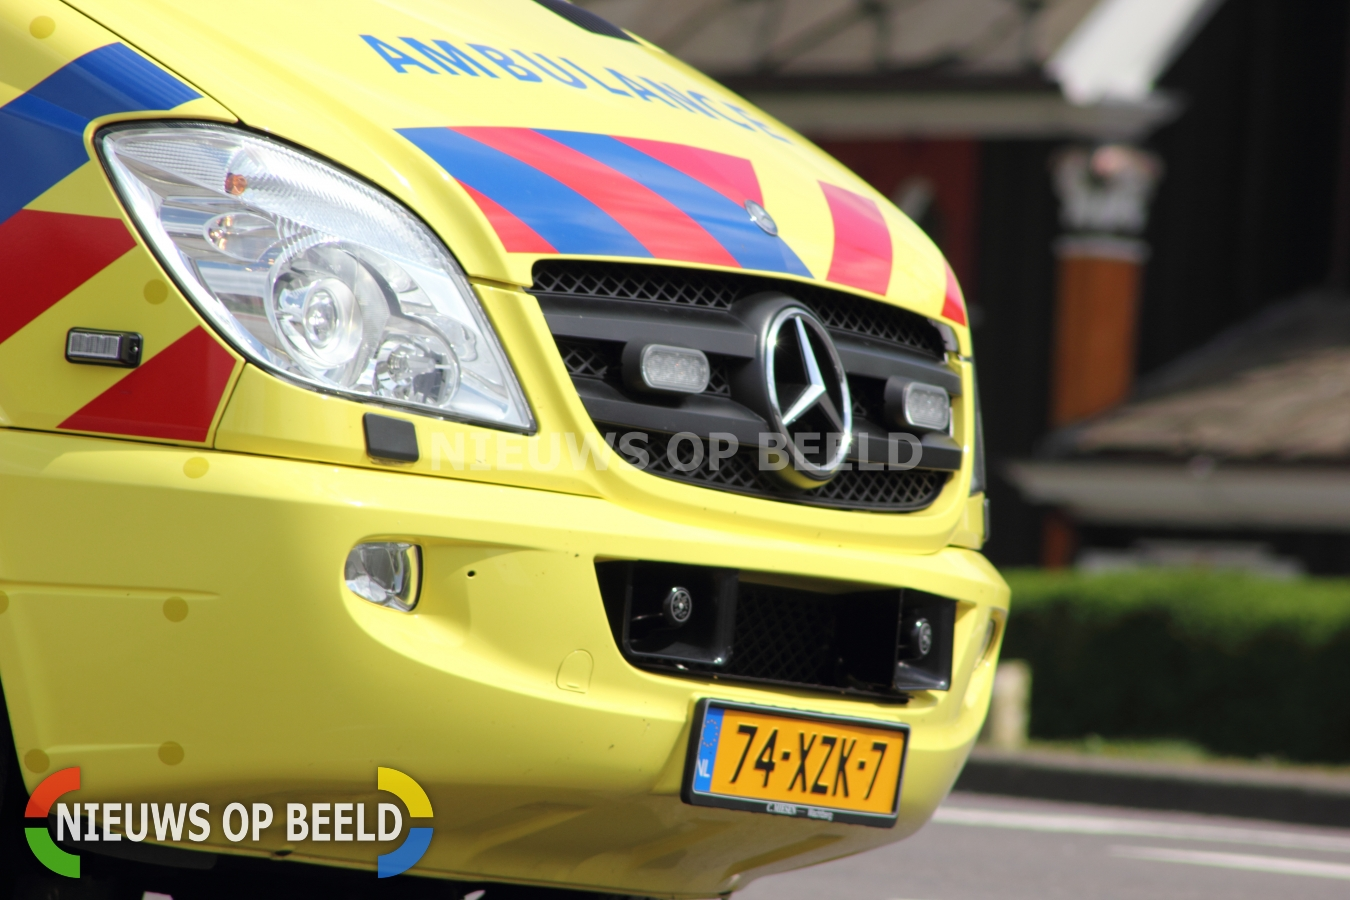 Dode na ongeluk met personenvoertuig en vrachtwagen A59 Oosterhout (video)